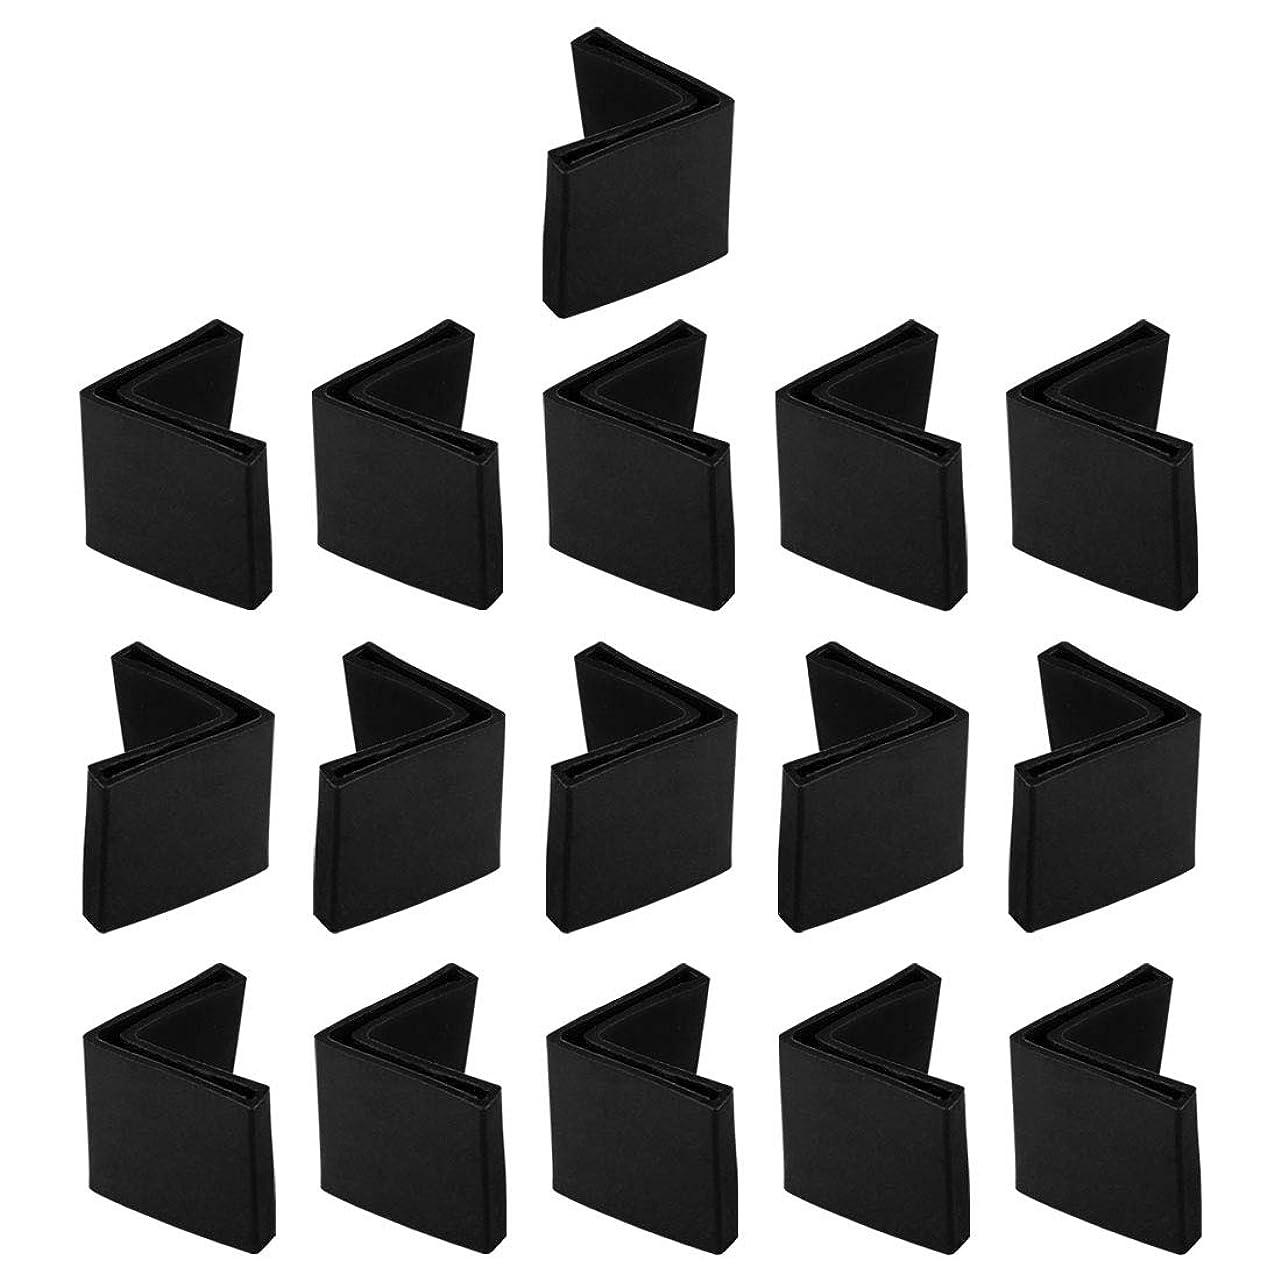 ギターくさび出くわすuxcell アングル家具の脚パッド 床プロテクター L状 PVC製 50mmx50mm ブラック 16個入